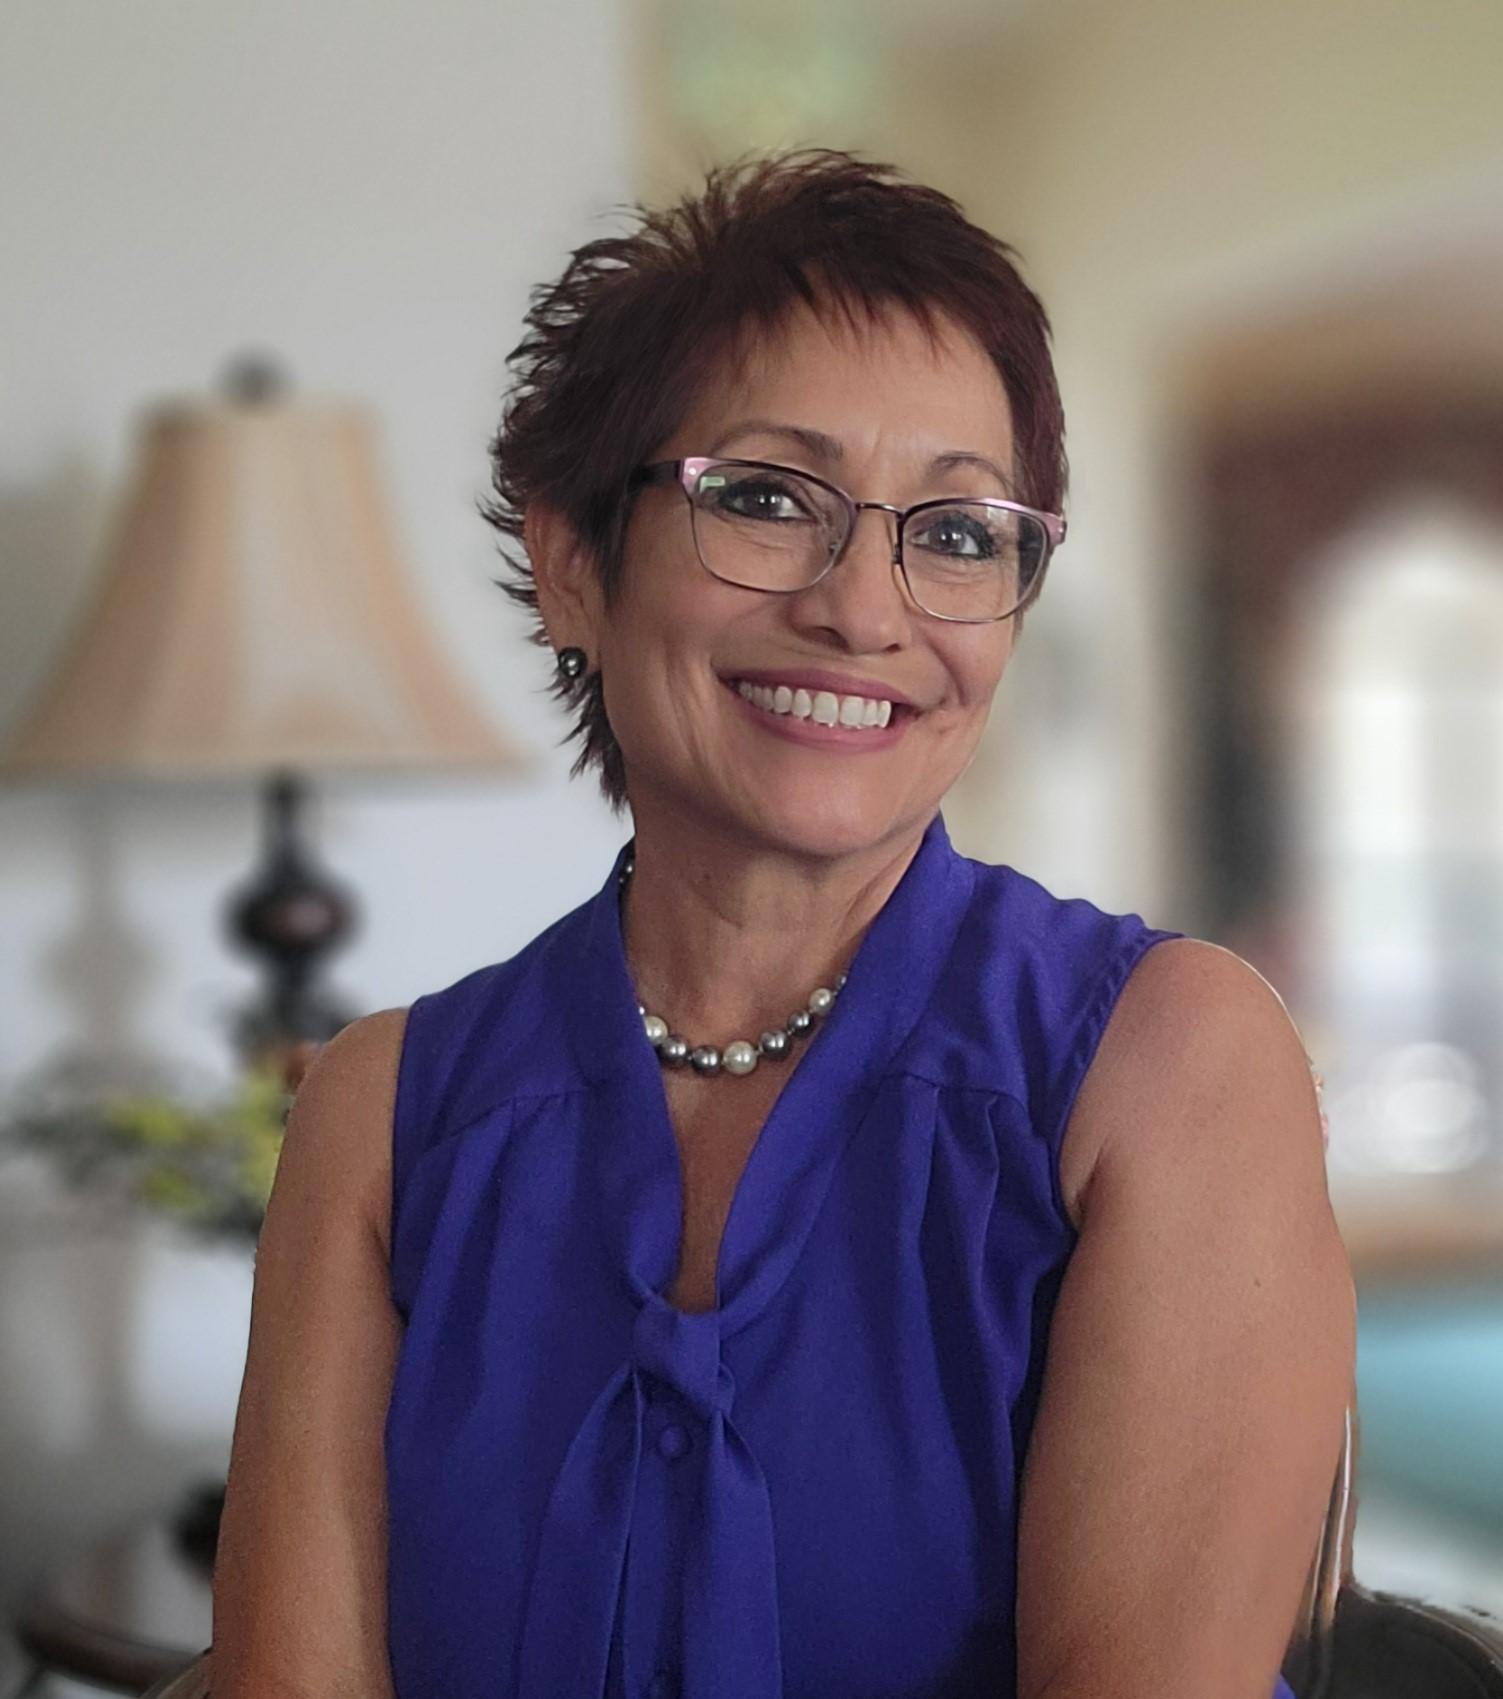 Barbara Markowski Headshot